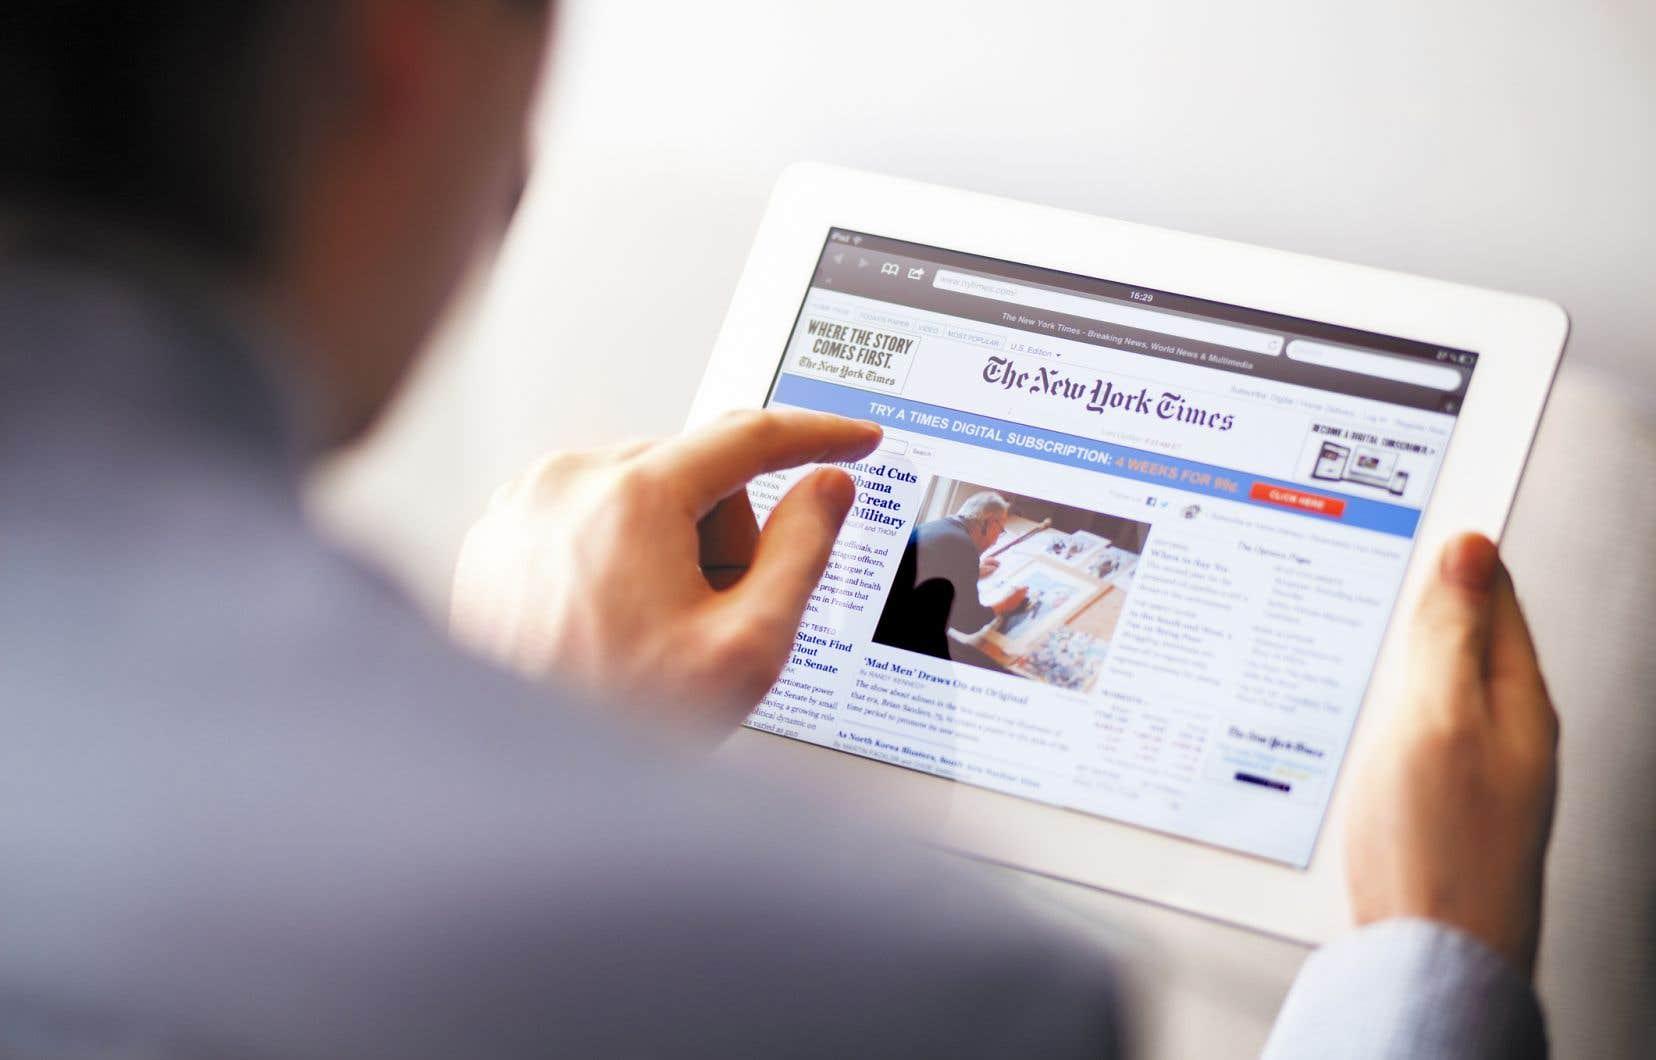 Au total, ils sont maintenant tout près de 2,5 millions à payer pour le journal en version numérique.